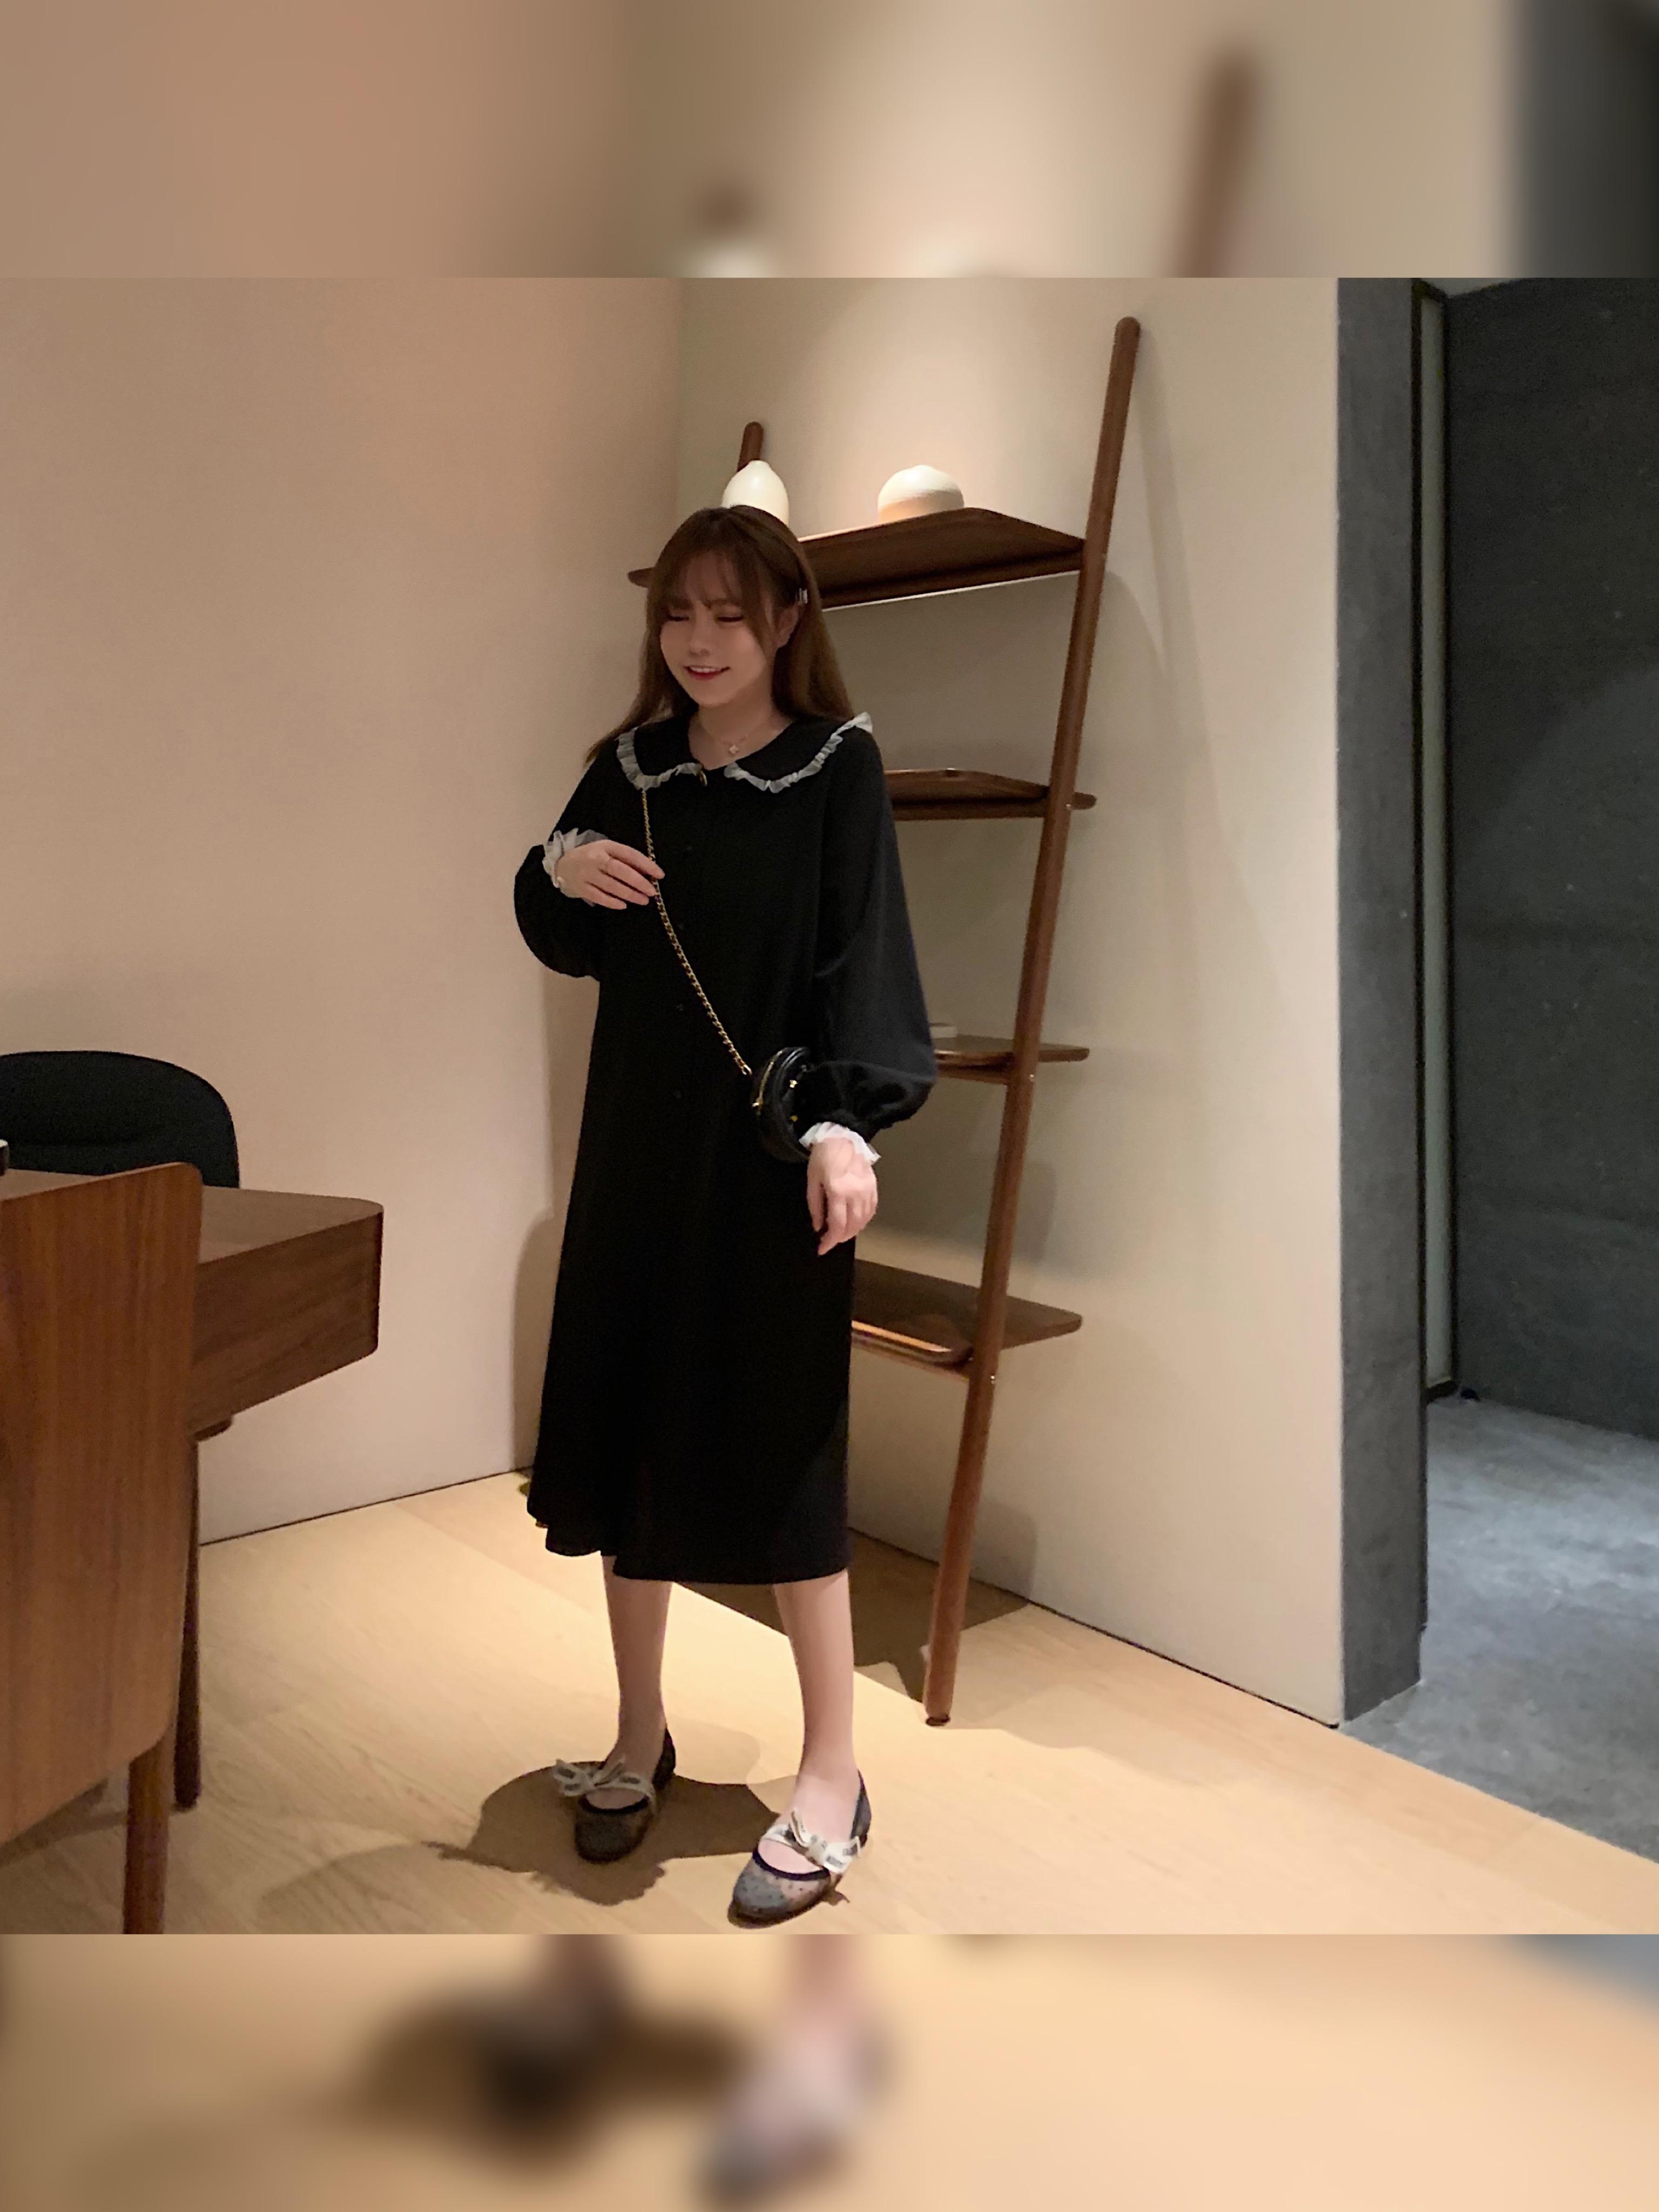 FATFATBABY复古赫本小黑裙2019秋季新款显瘦花边娃娃领连衣裙大码券后170.05元